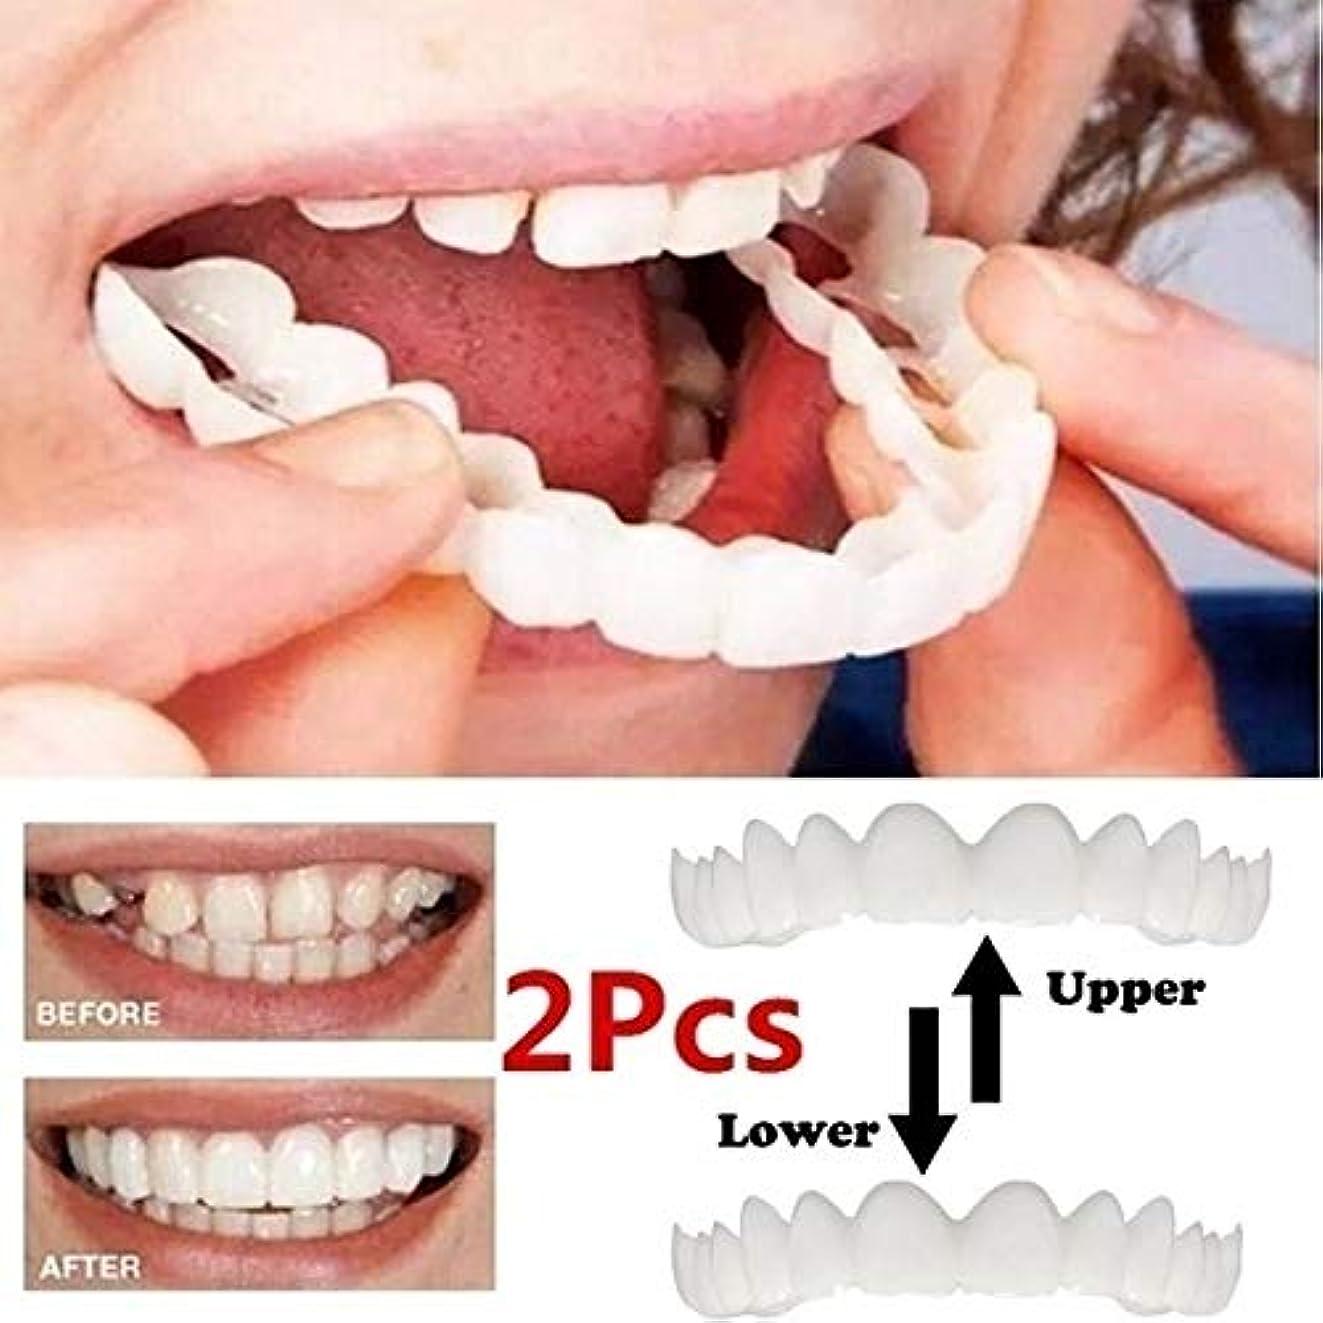 本会議ロードブロッキング打たれたトラック一時的な笑顔の快適さフィット化粧品の歯義歯のベニヤ歯の快適さフィットフレックス化粧品の歯の上の歯のベニヤと下のベニヤ - 歯のベニヤ